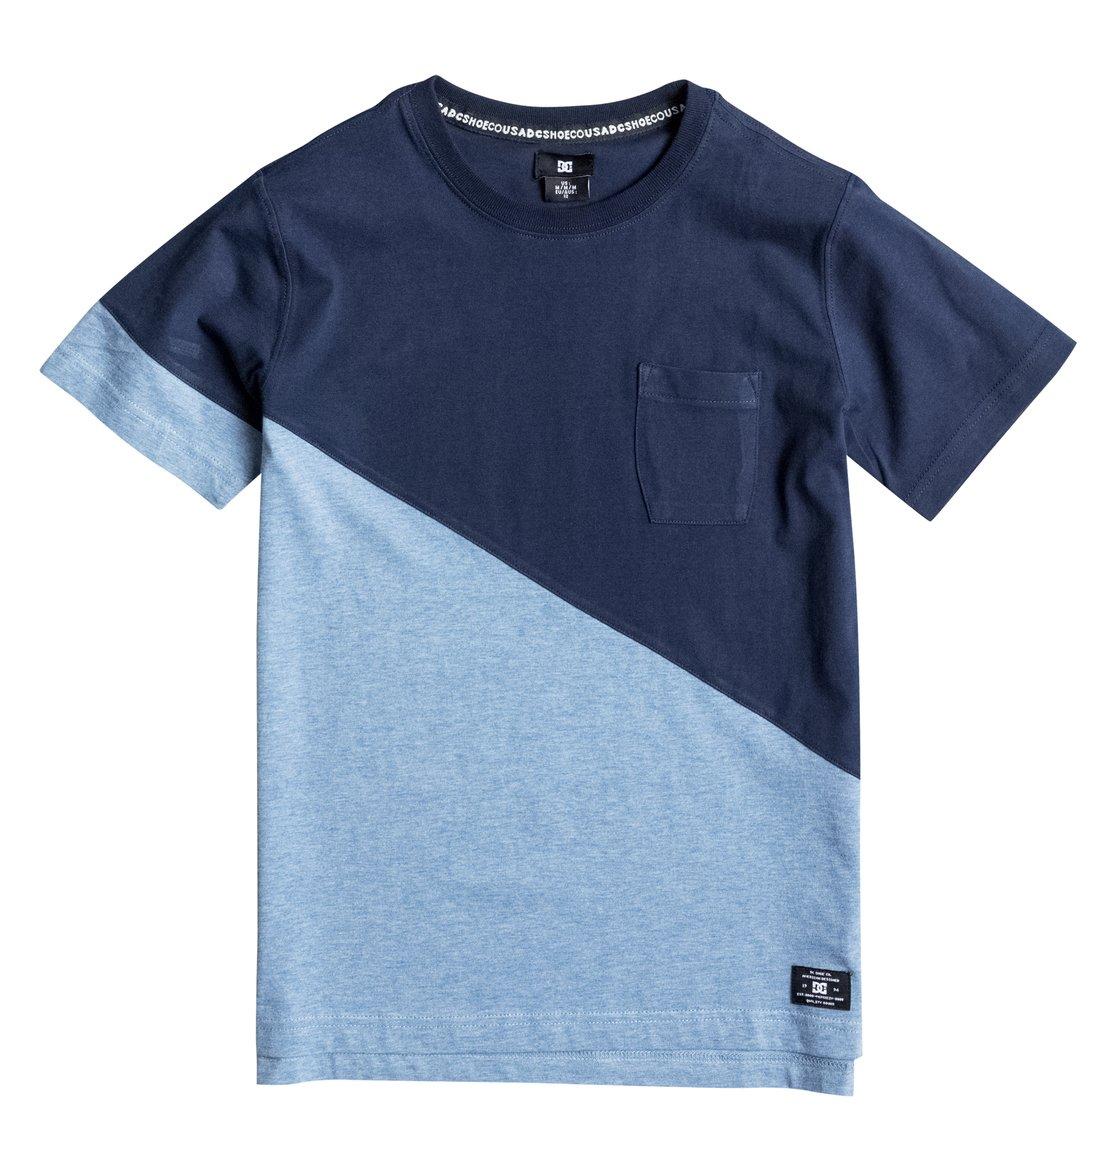 Здесь можно купить   Larkstone - T-Shirt Новые поступления